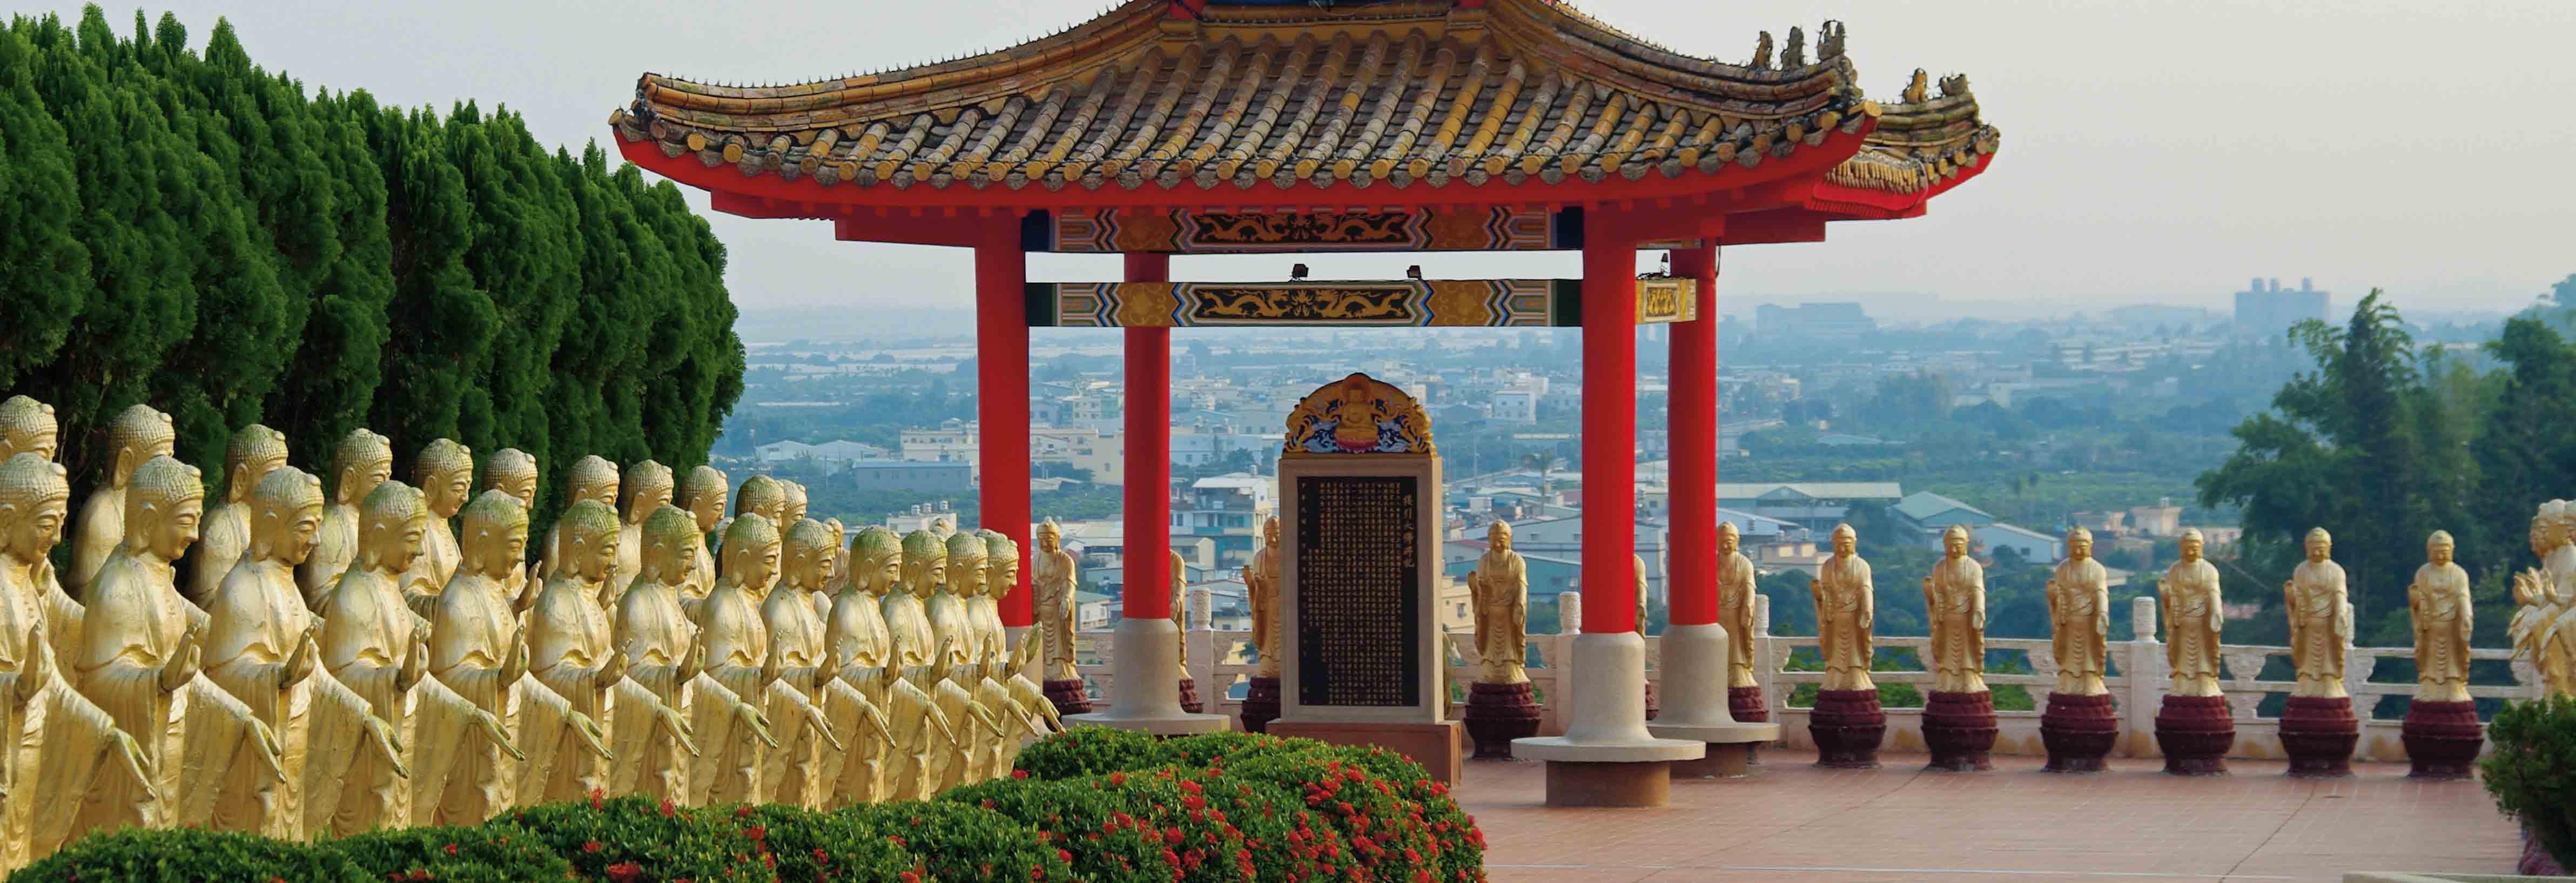 Kloster Fo Guang Shan, das grösste buddhistische Zentrum Taiwans